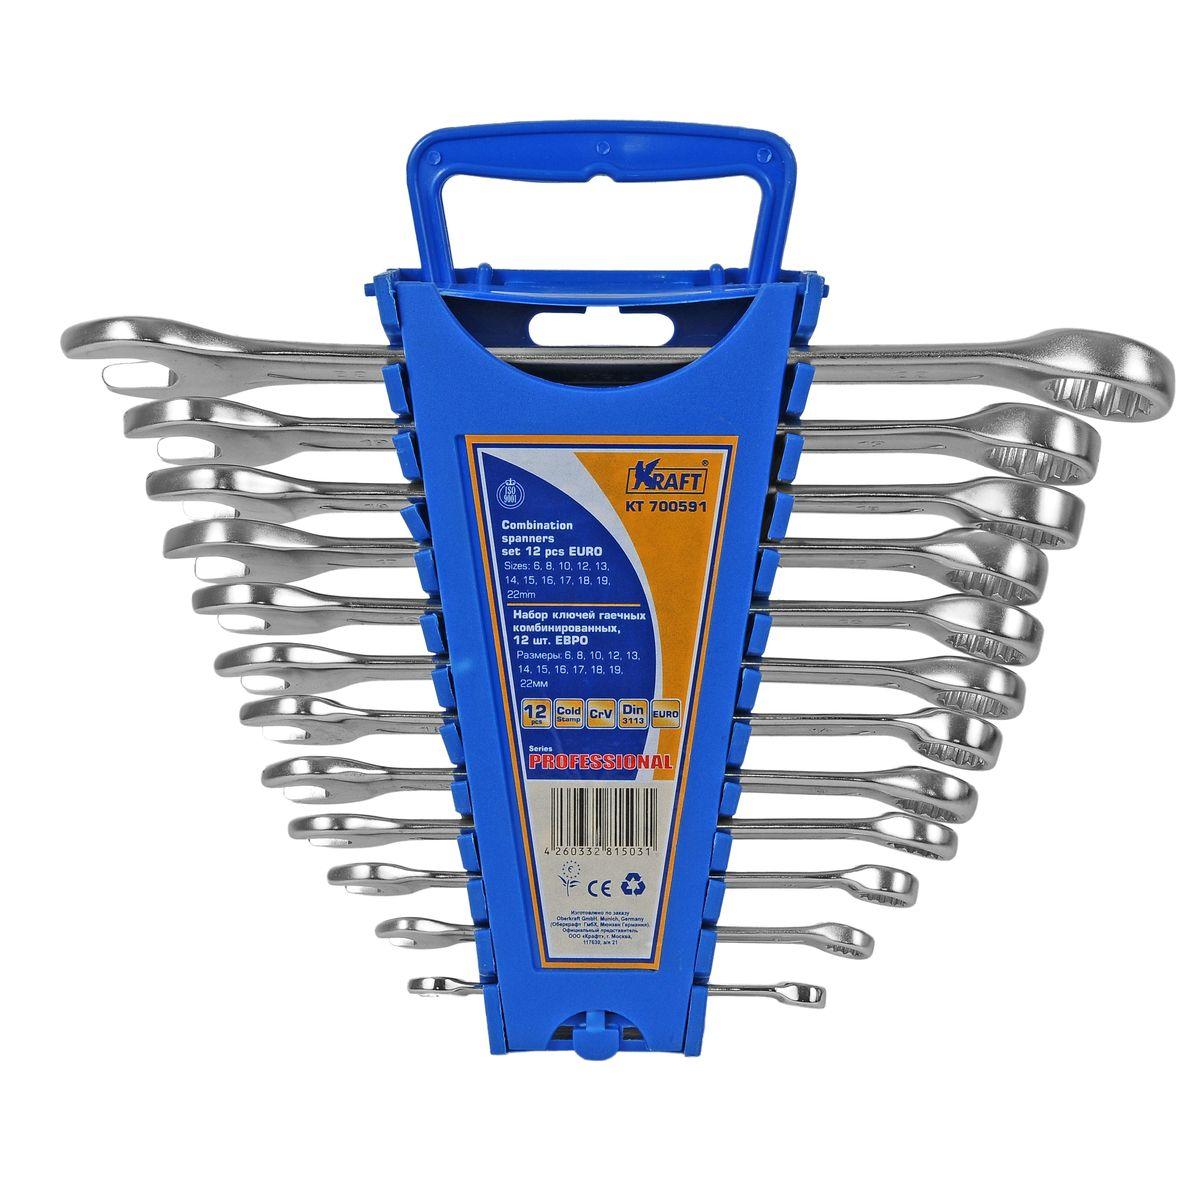 Набор комбинированных гаечных ключей Kraft Professional Euro, 6 мм - 22 мм, 12 штКТ700591Набор комбинированных гаечных ключей Kraft Professional Euro предназначен для профессионального применения в решении сантехнических, строительных и авторемонтных задач, а также для бытового использования. Ключи изготовлены из хромованадиевой стали.Размеры ключей входящих в набор: 6 мм, 8 мм, 10 мм, 12 мм, 13 мм, 14 мм, 15 мм, 16 мм, 17 мм, 18 мм, 19 мм, 22 мм.Комбинированный ключ представляет собой соединение рожкового и накидного гаечных ключей. Обе стороны комбинированного ключа имеют одинаковый размер. Комбинированный ключ - это необходимый предмет в каждом доме.